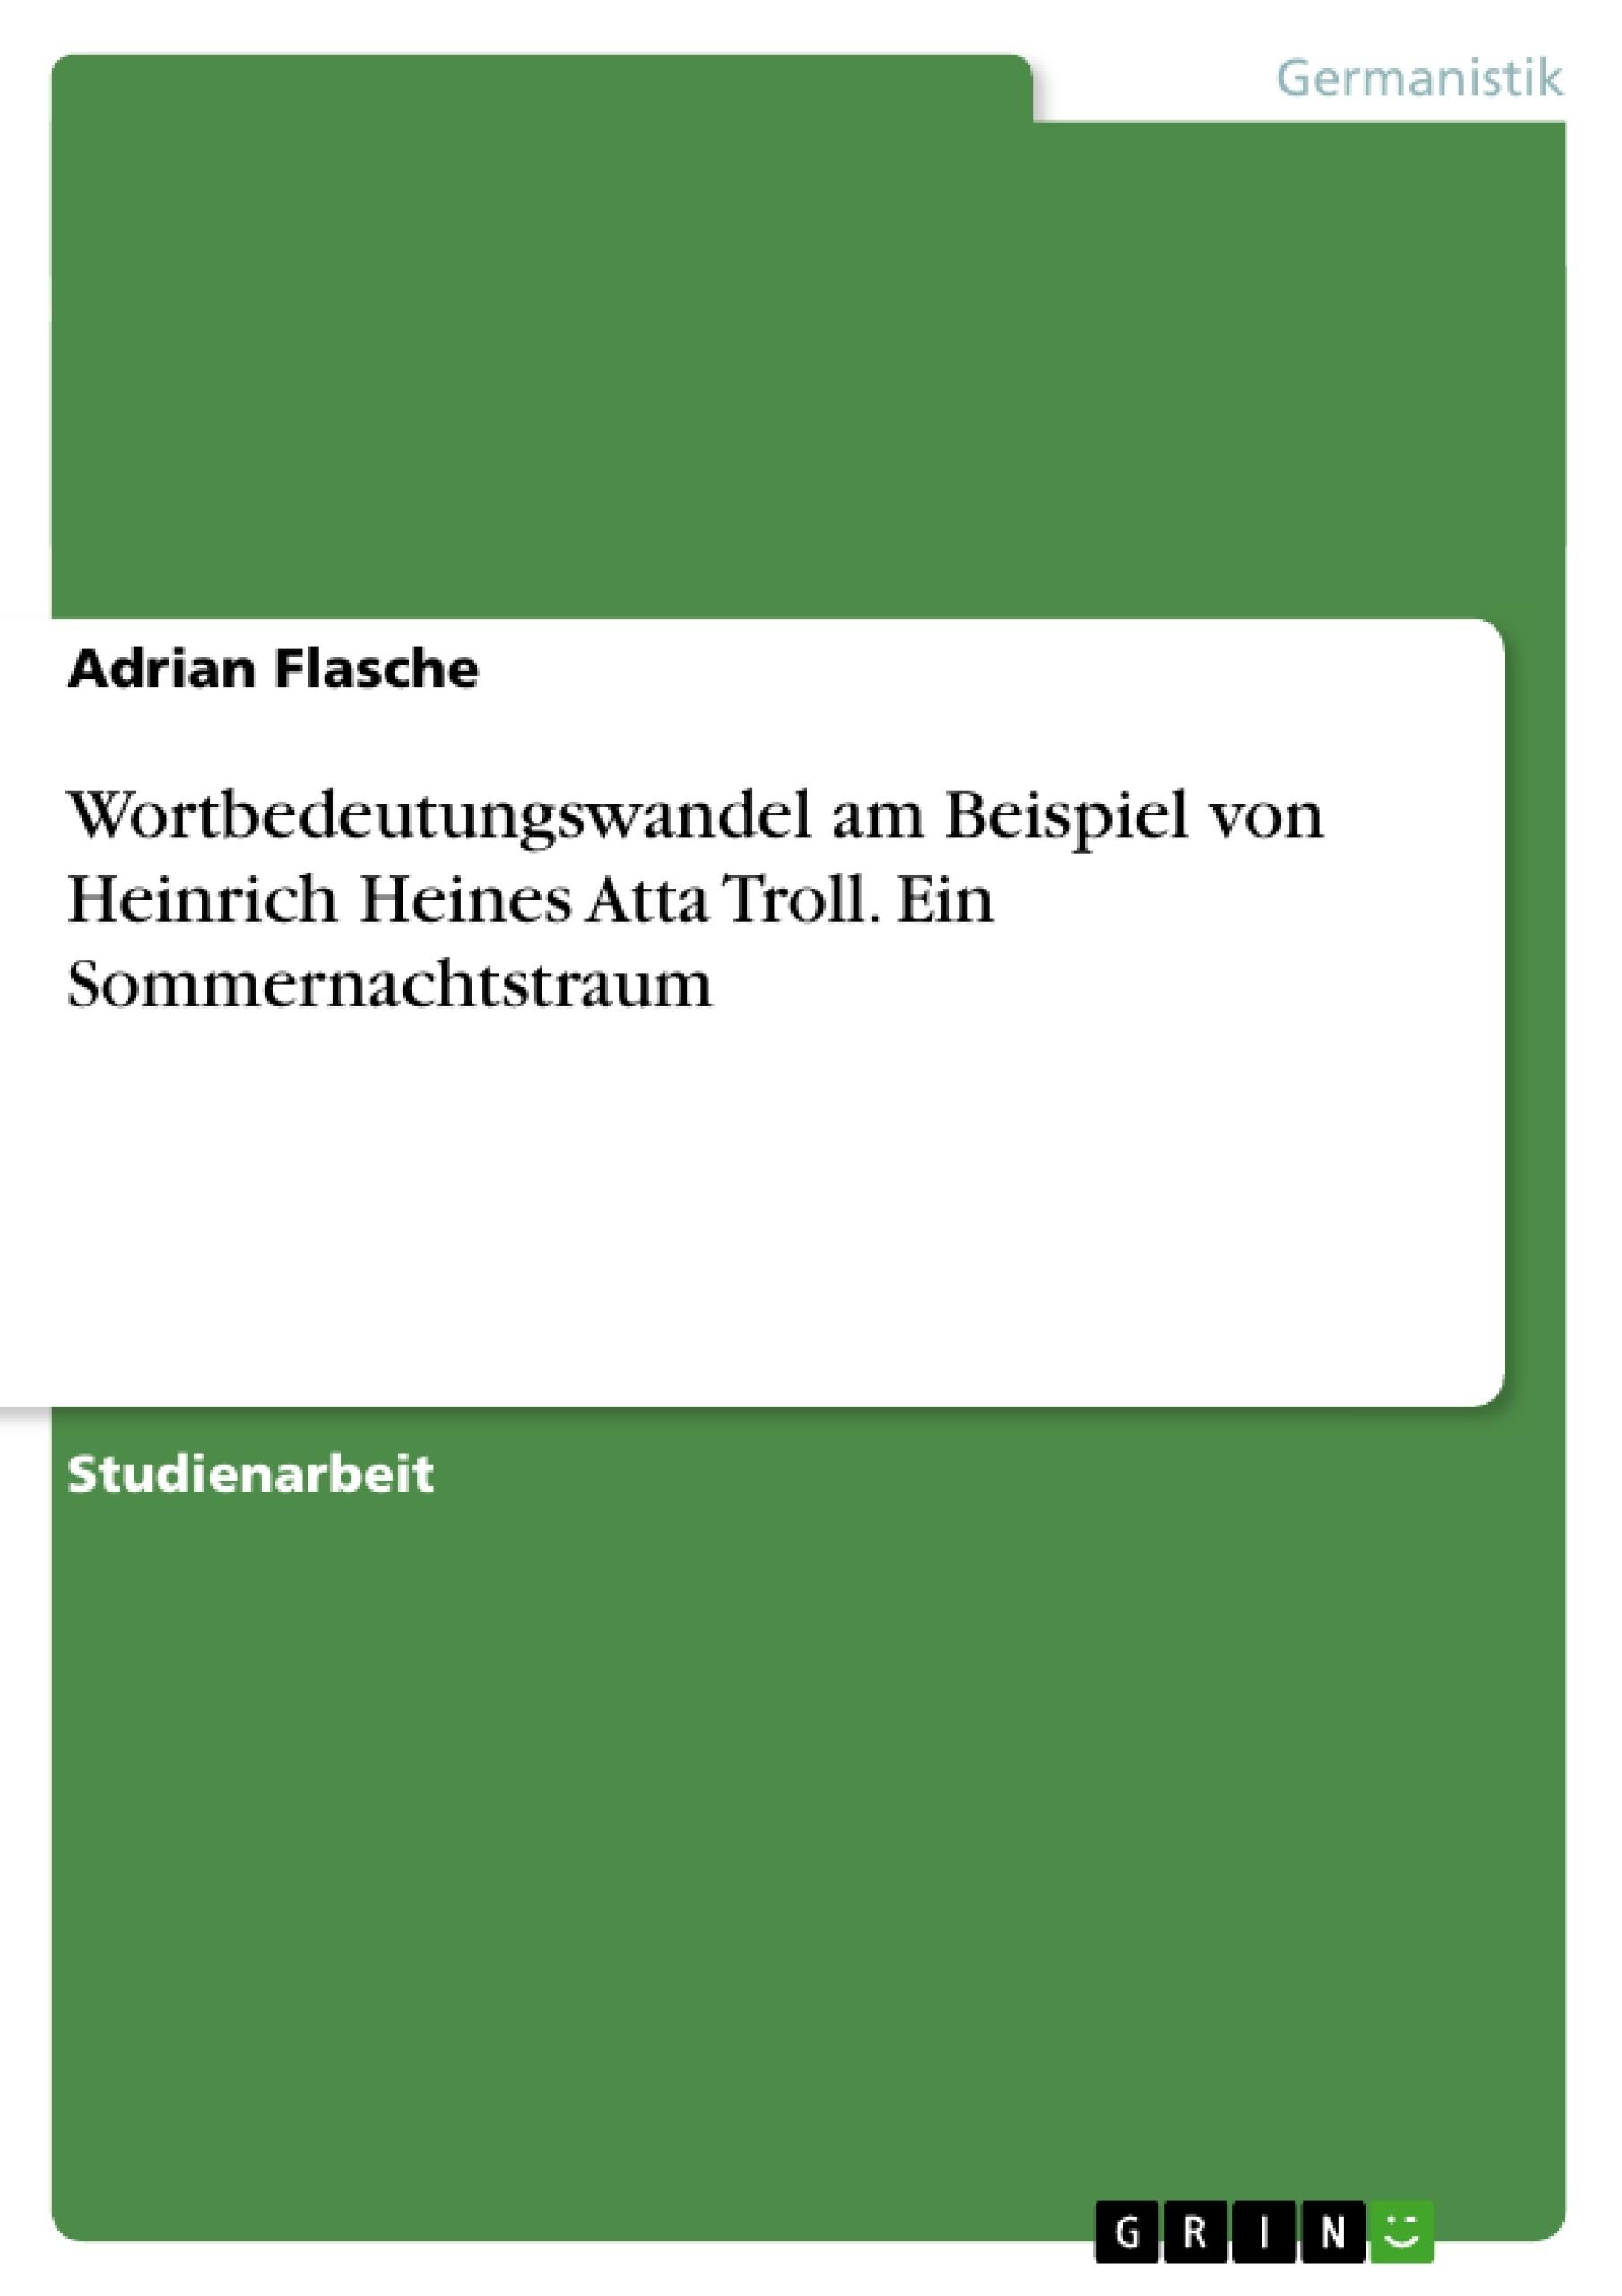 Titel: Wortbedeutungswandel am Beispiel von Heinrich Heines  Atta Troll. Ein Sommernachtstraum